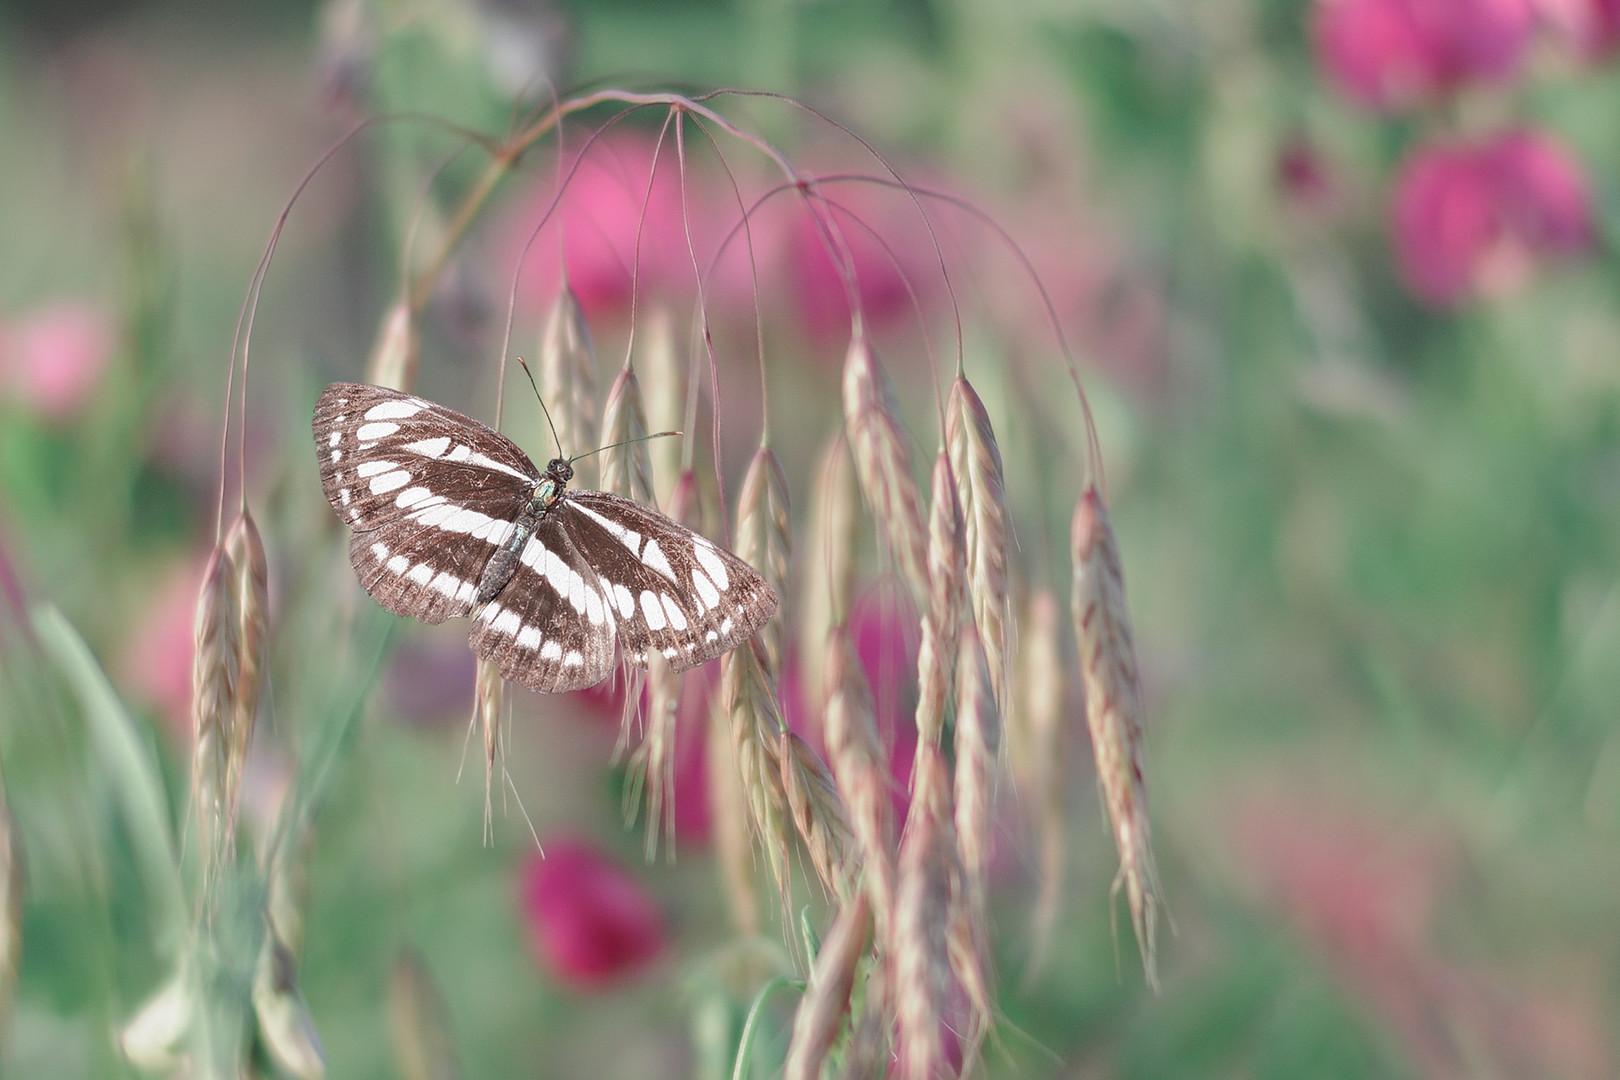 Leptirko šarenko